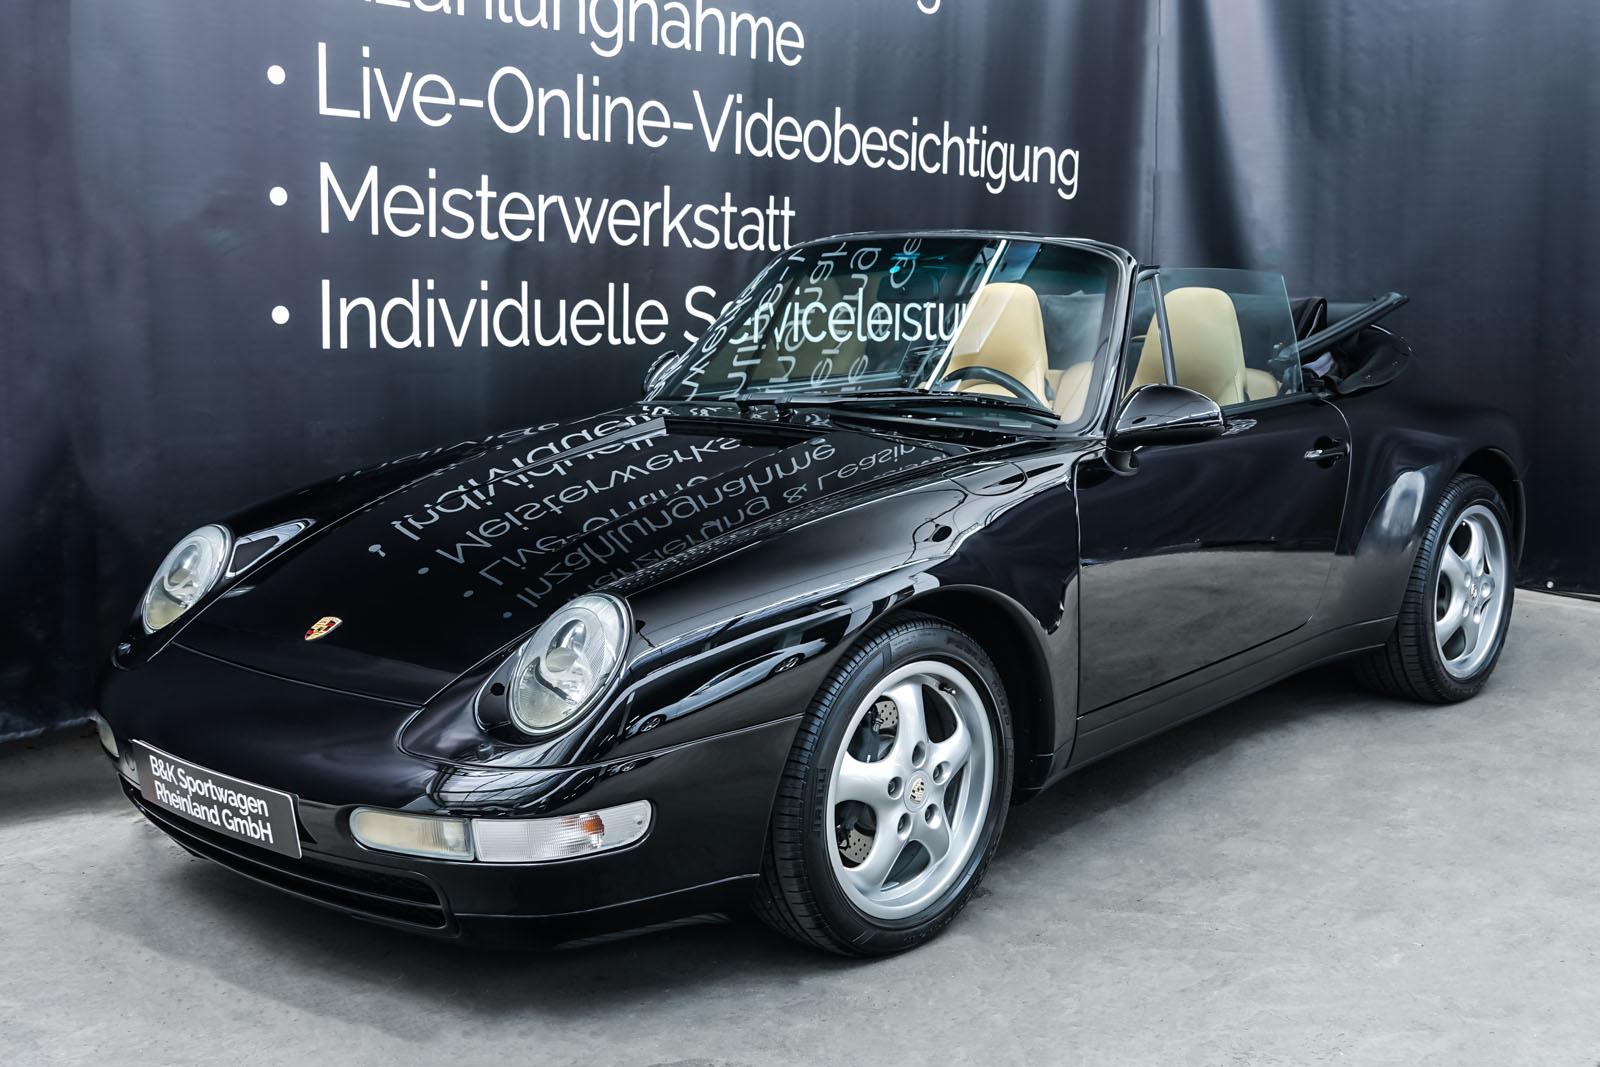 Porsche_993_C2_Cabrio_Black_Beige_POR-0137_7_w